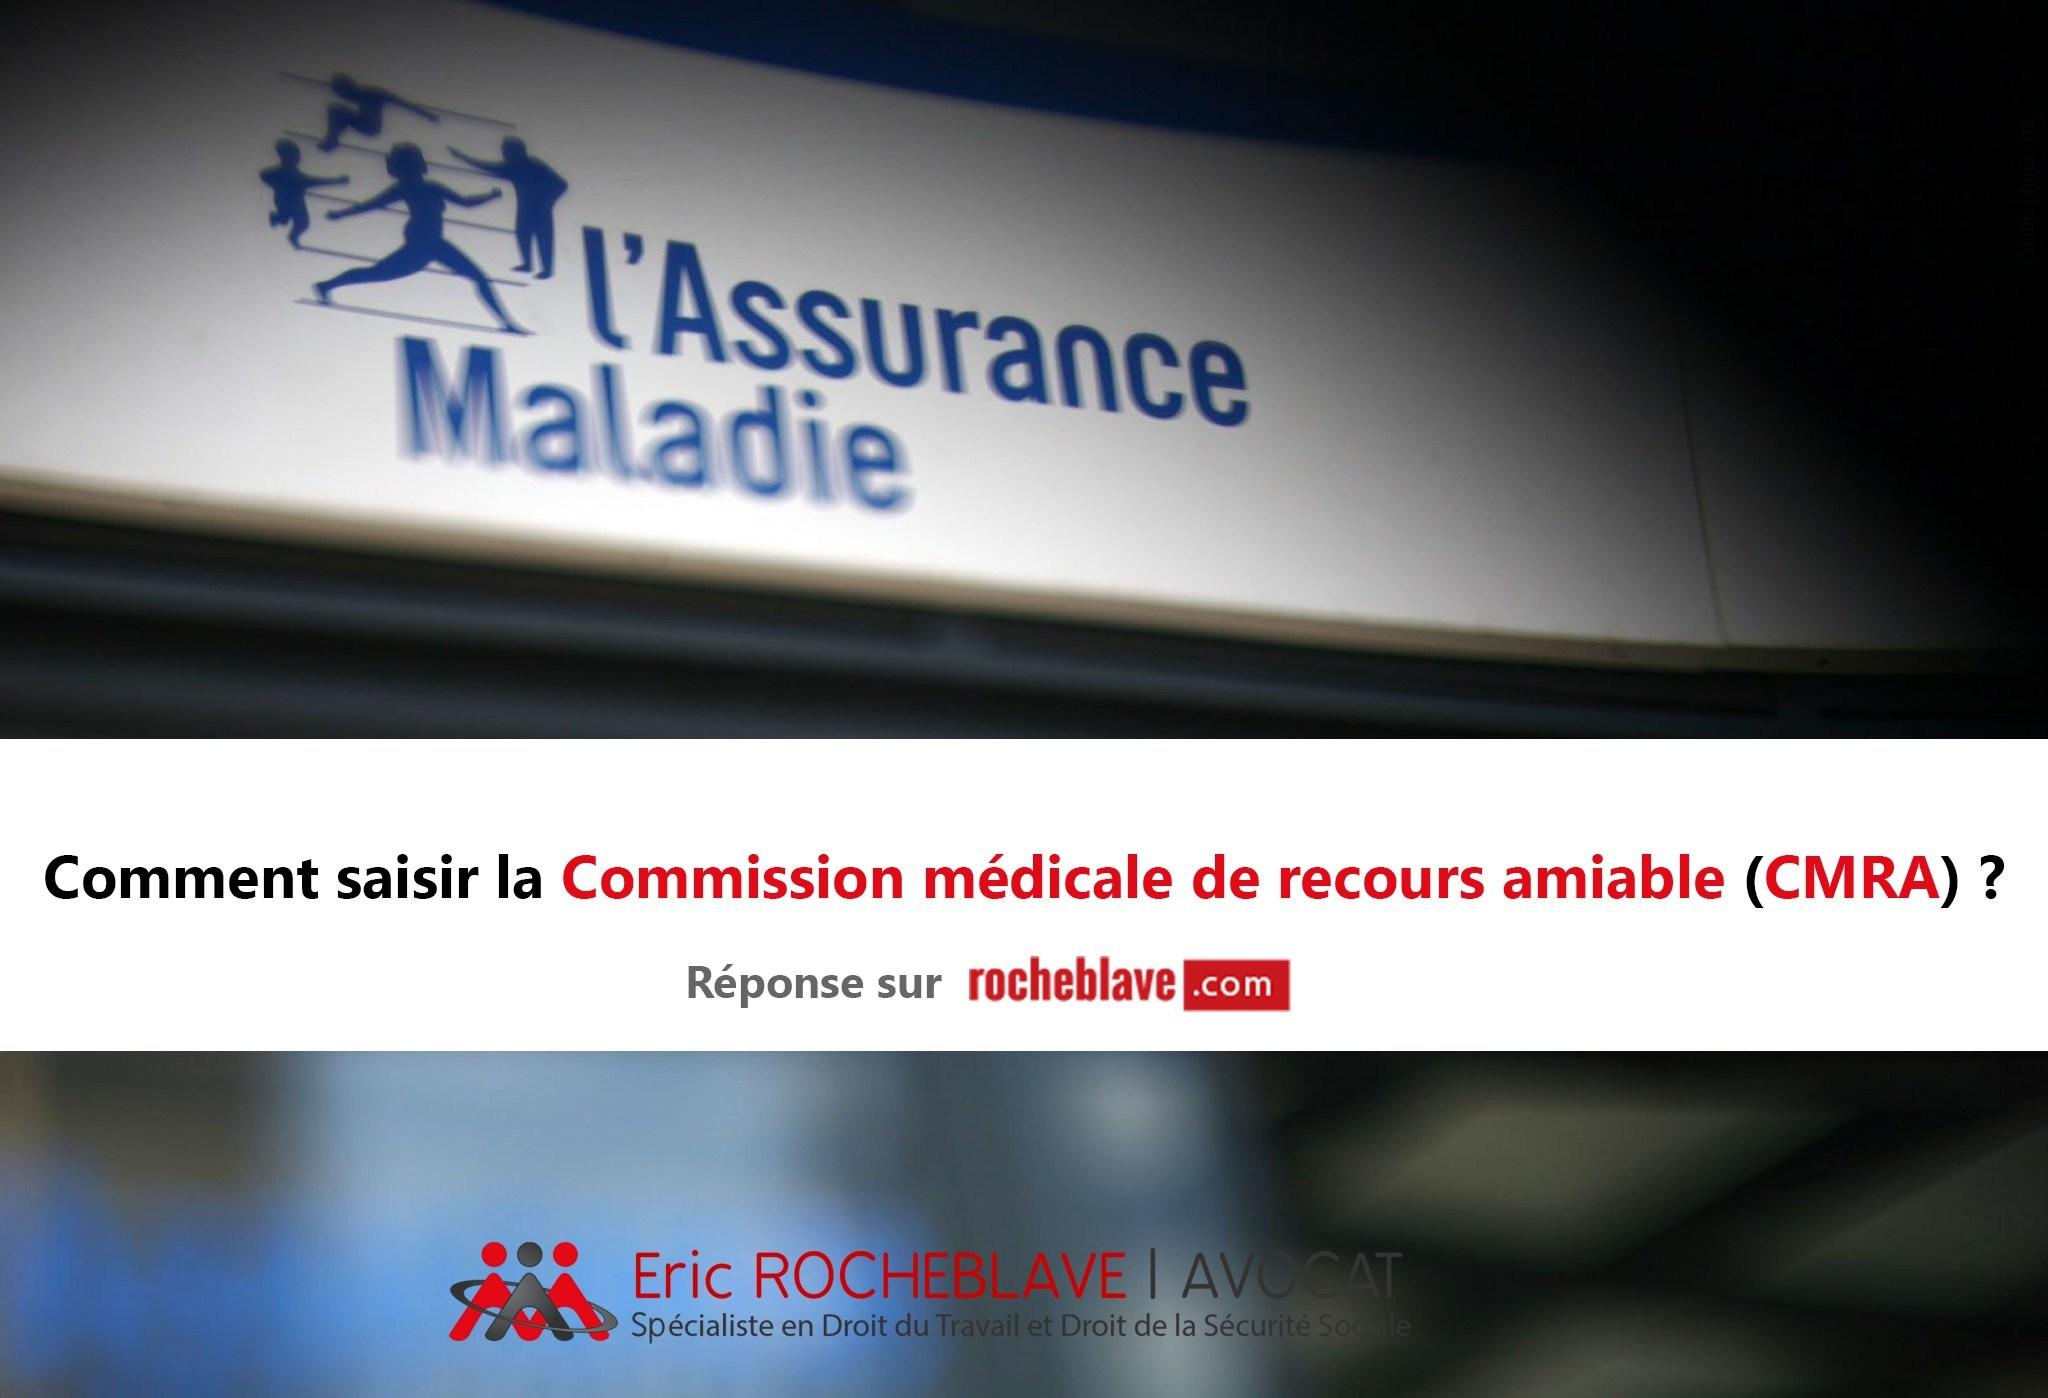 Comment saisir la Commission médicale de recours amiable (CMRA) ?